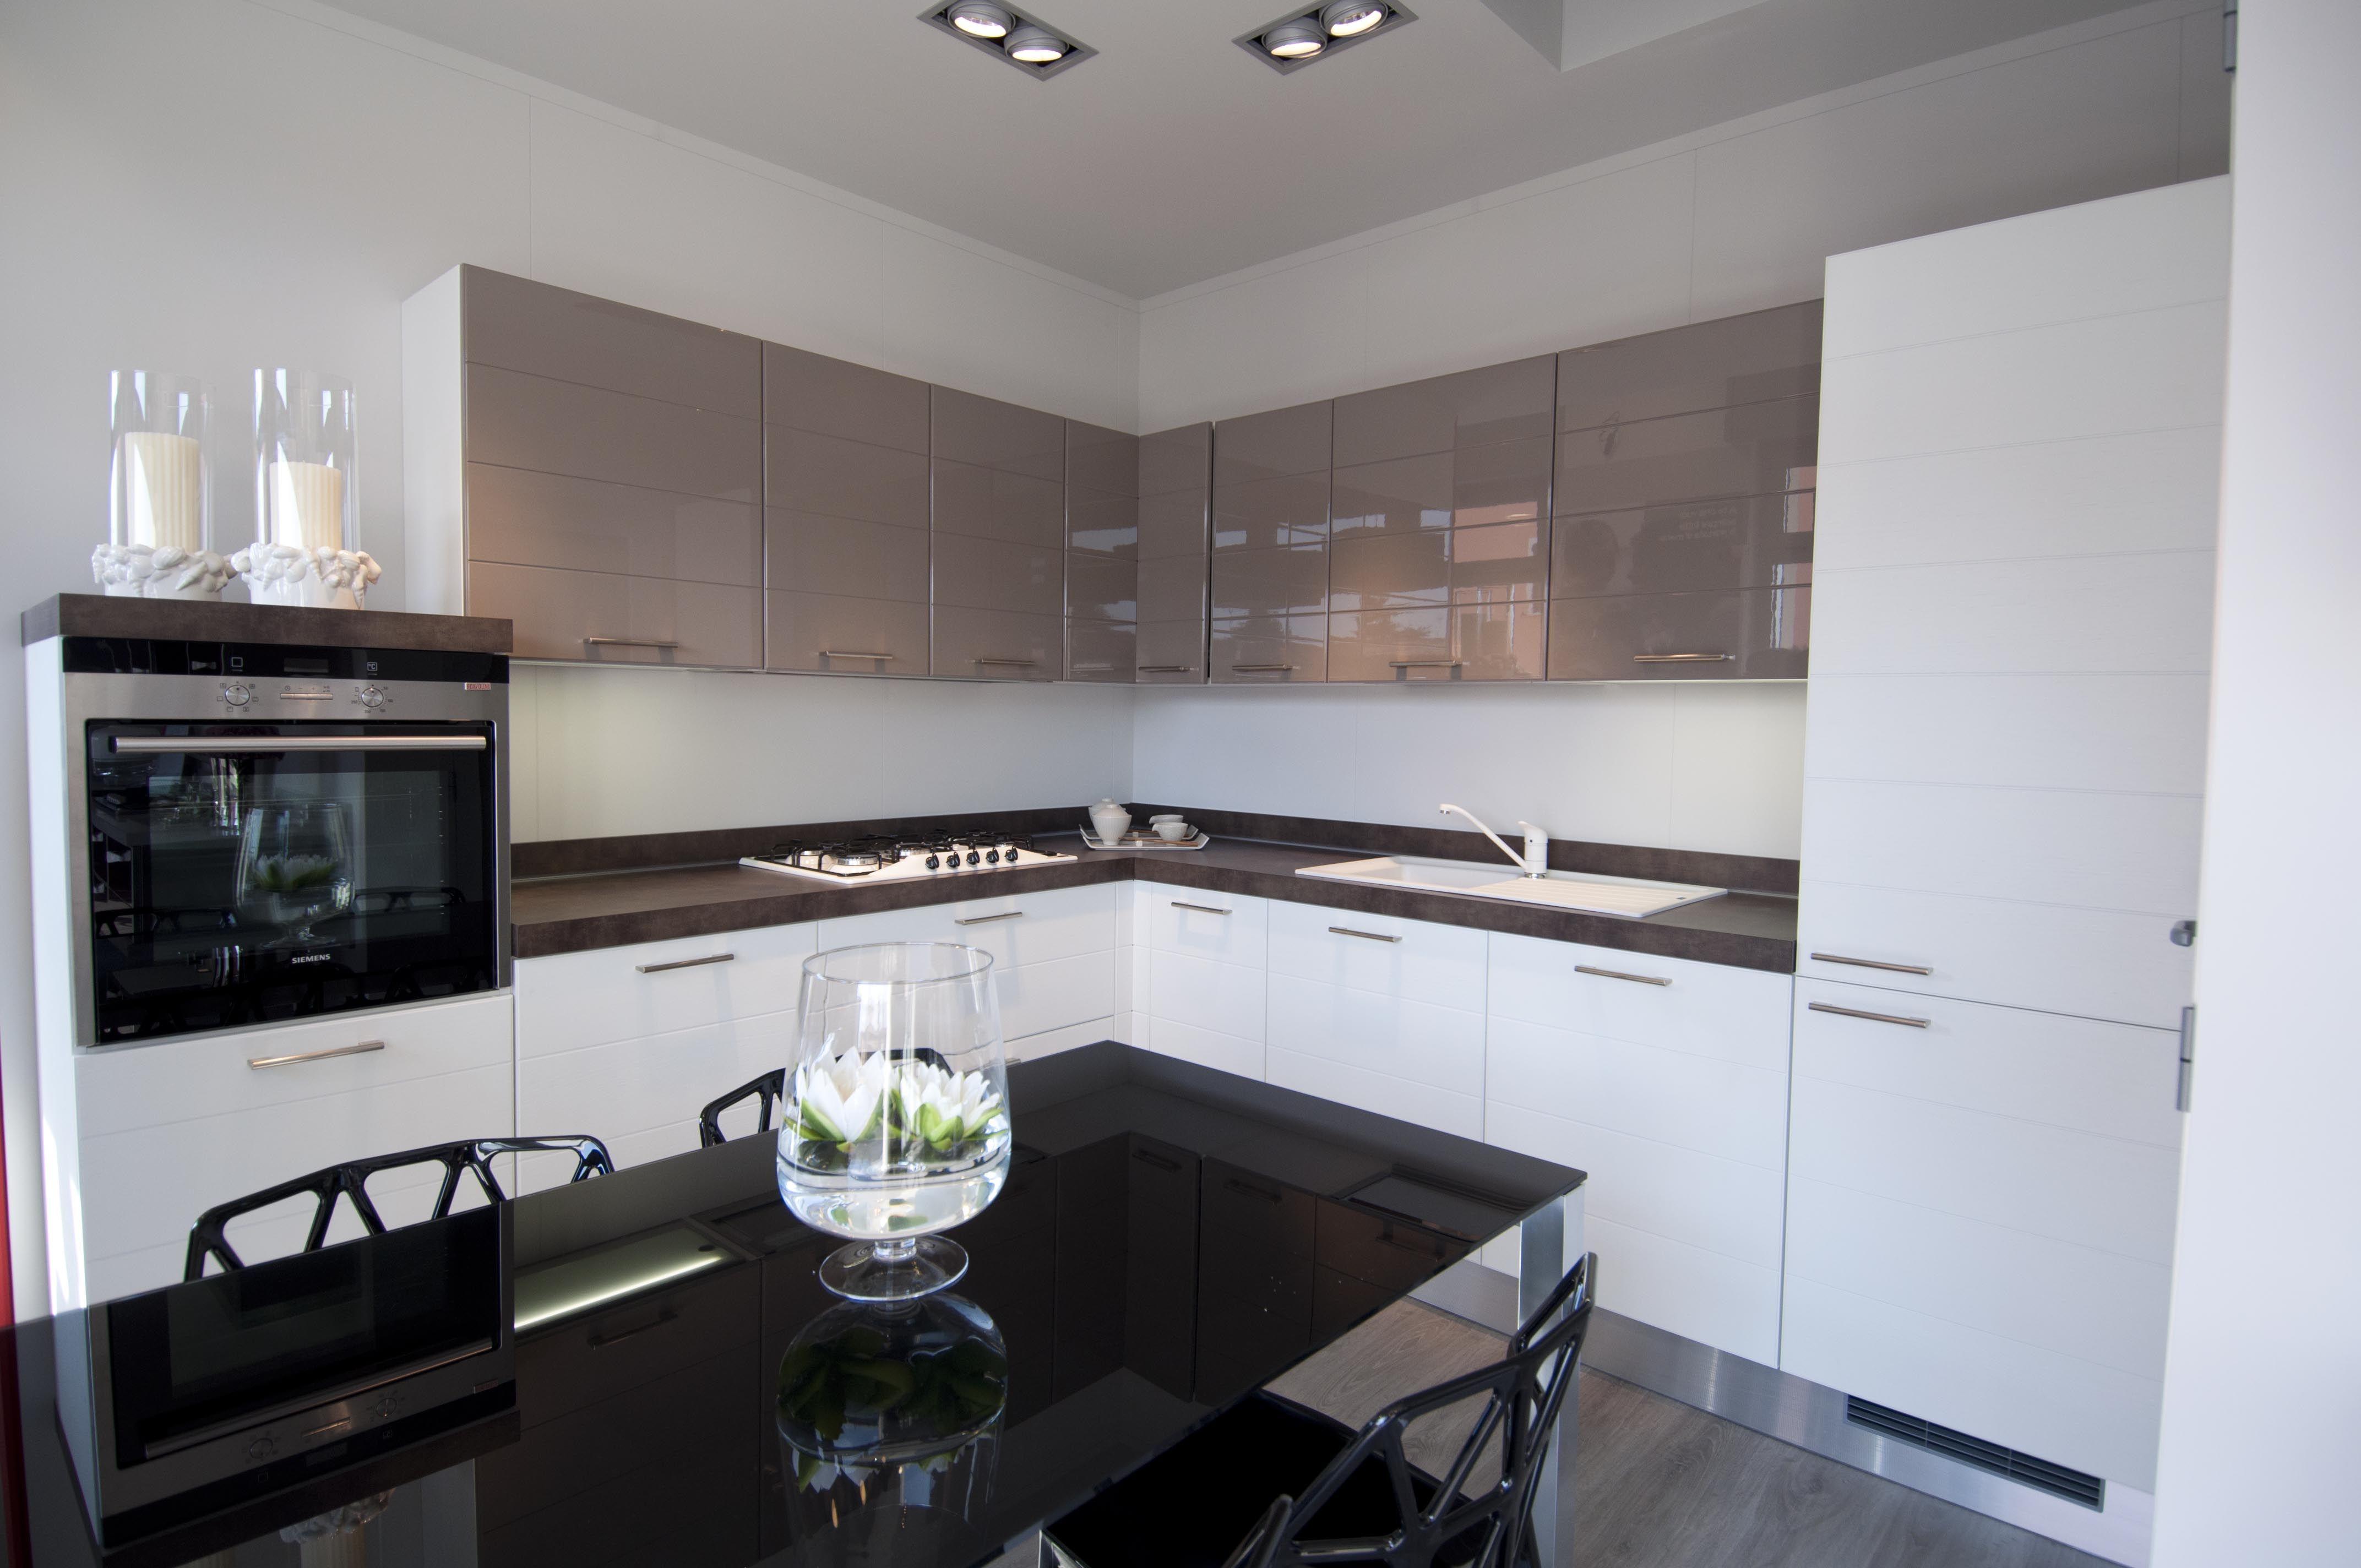 Cucine scavolini in esposizione composizione ad angolo - Scavolini cucine moderne ...